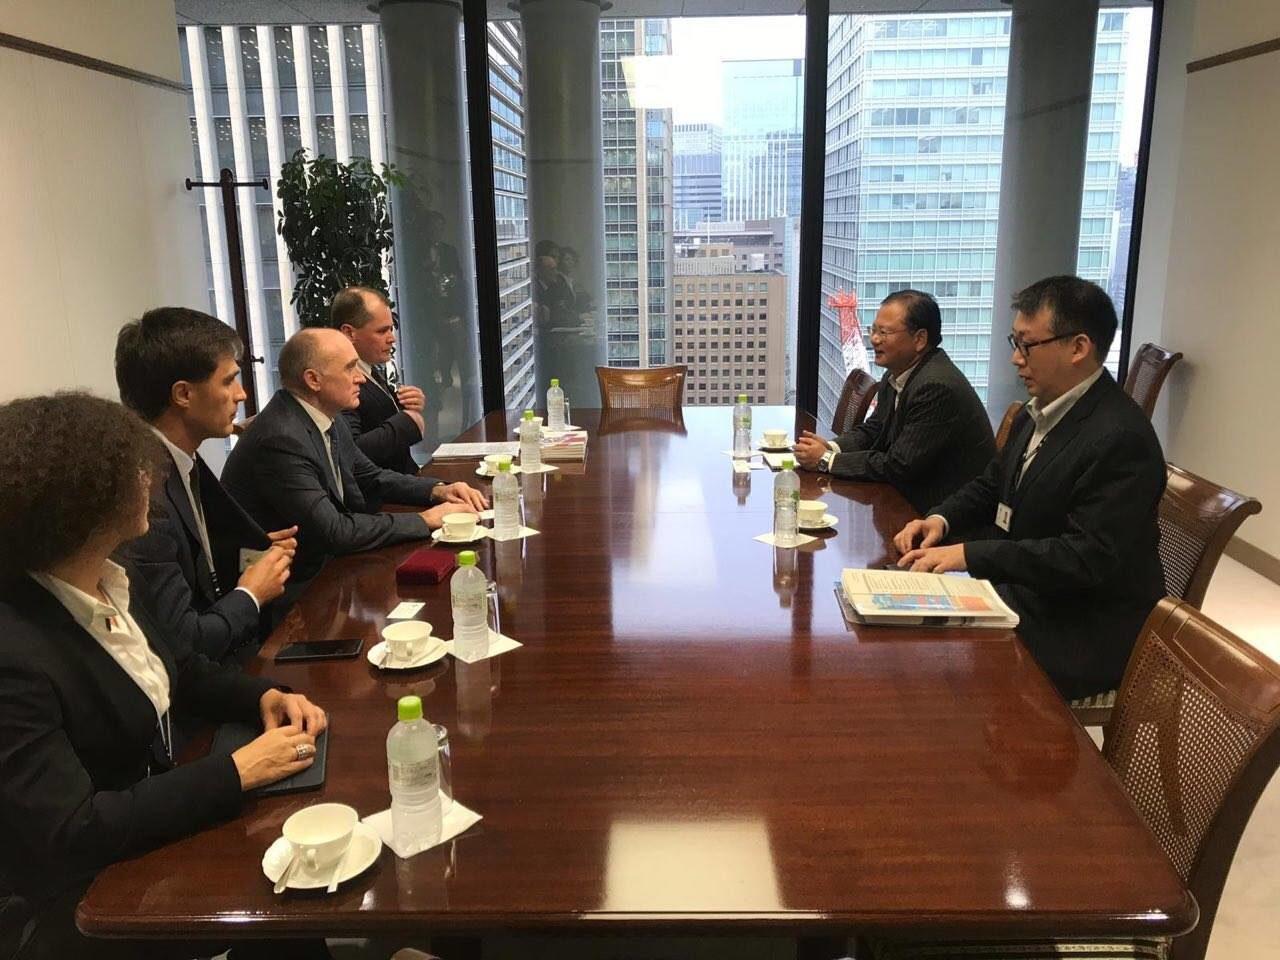 Презентация инвестиционного потенциала Челябинской области в Японии (южноуральскую делегацию возг